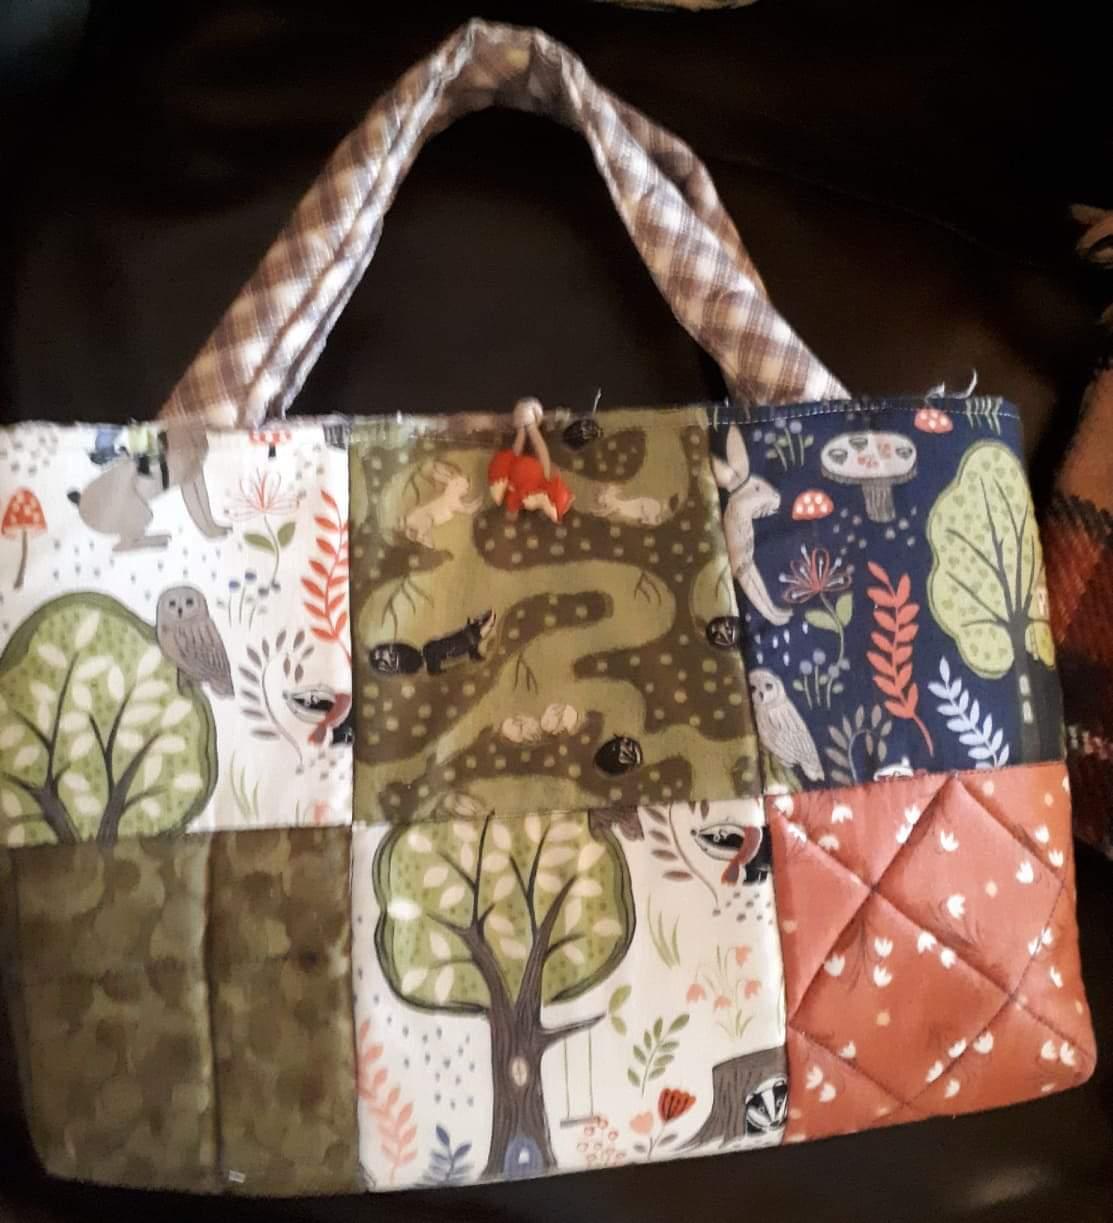 Kaye's bag